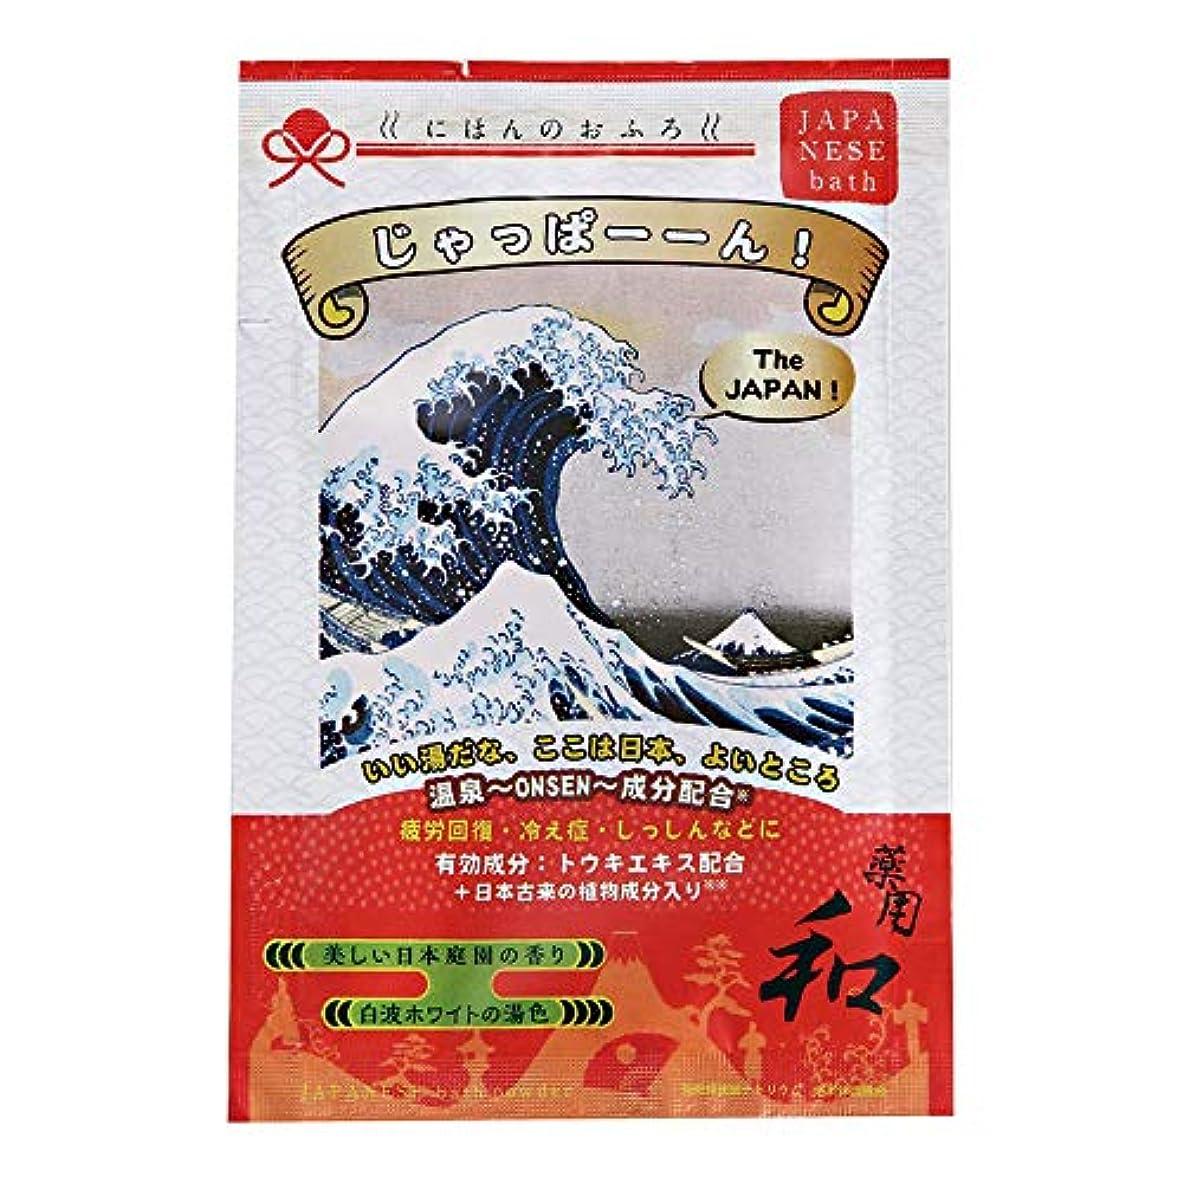 にほんのおふろ じゃっぱーーん 美しい日本庭園の香り 25g